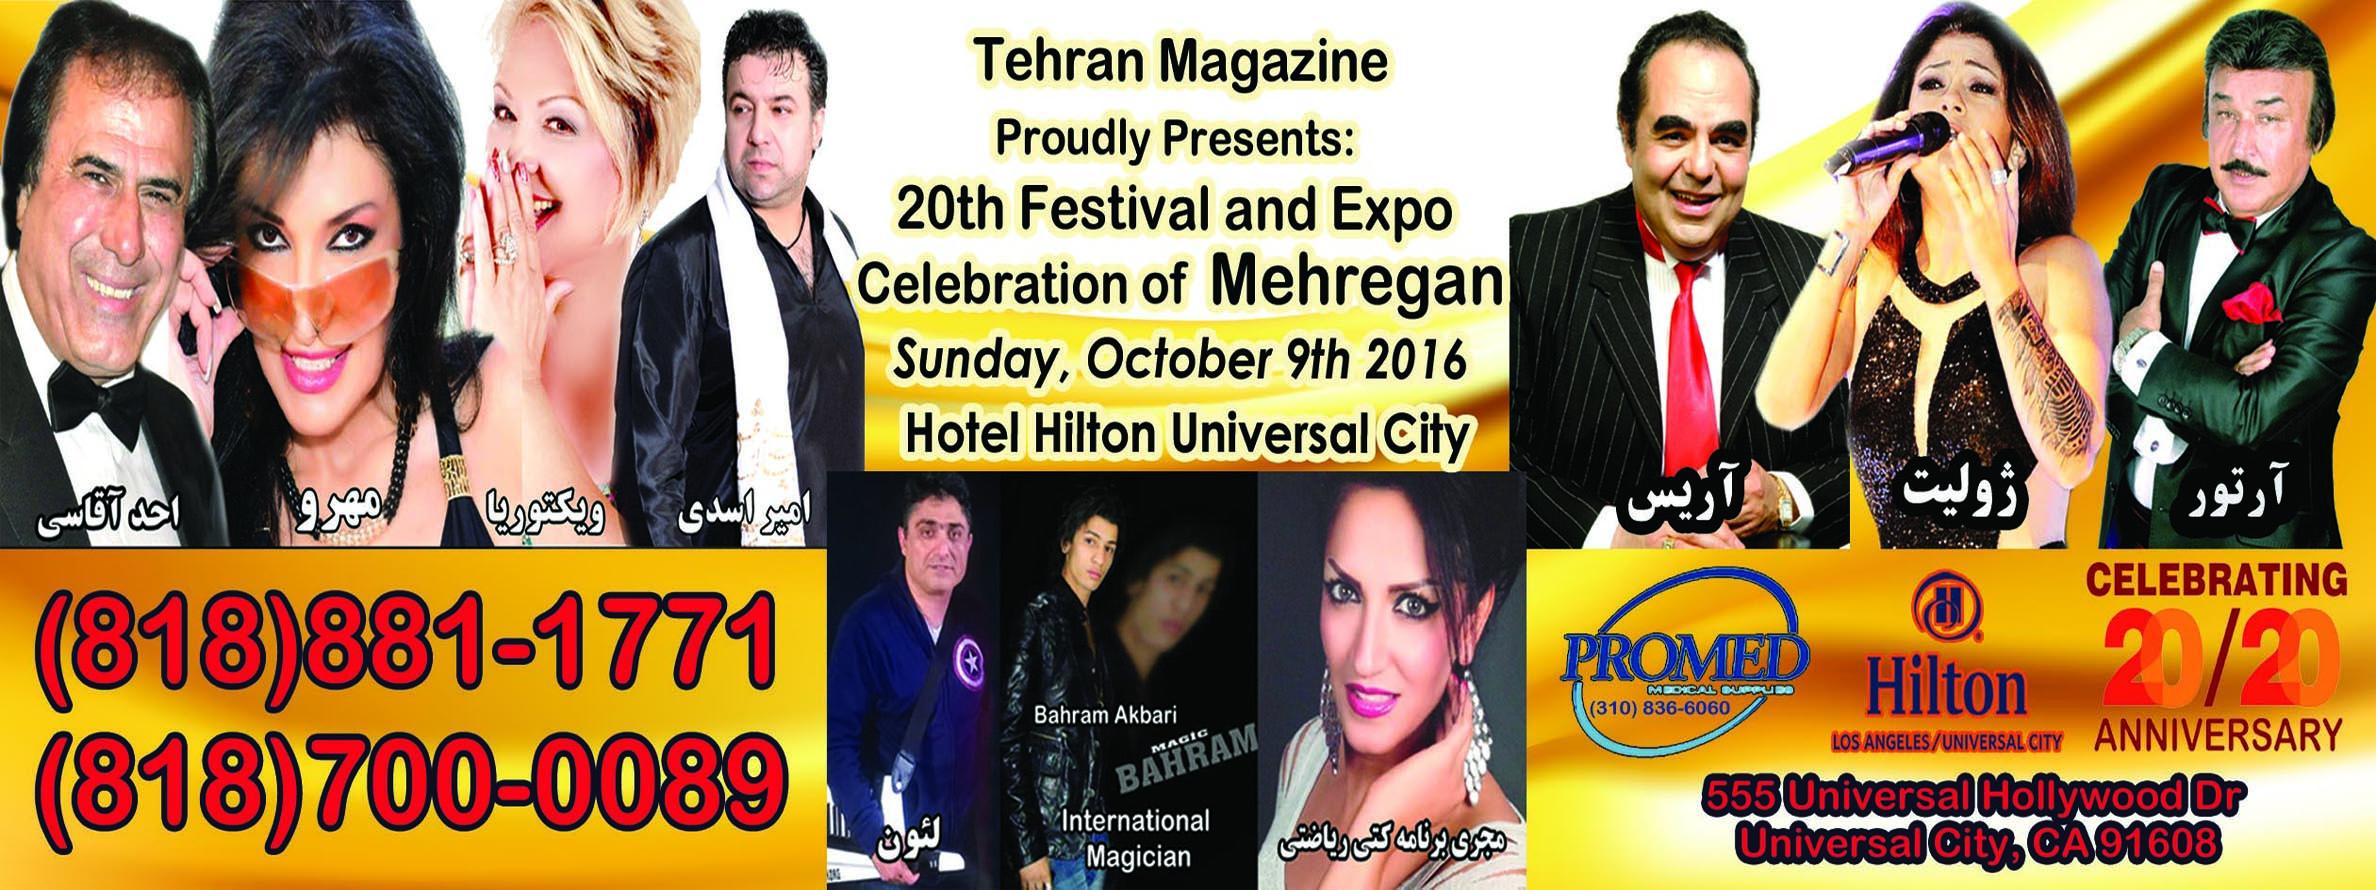 tehran magazine festival and expo shahbod noori